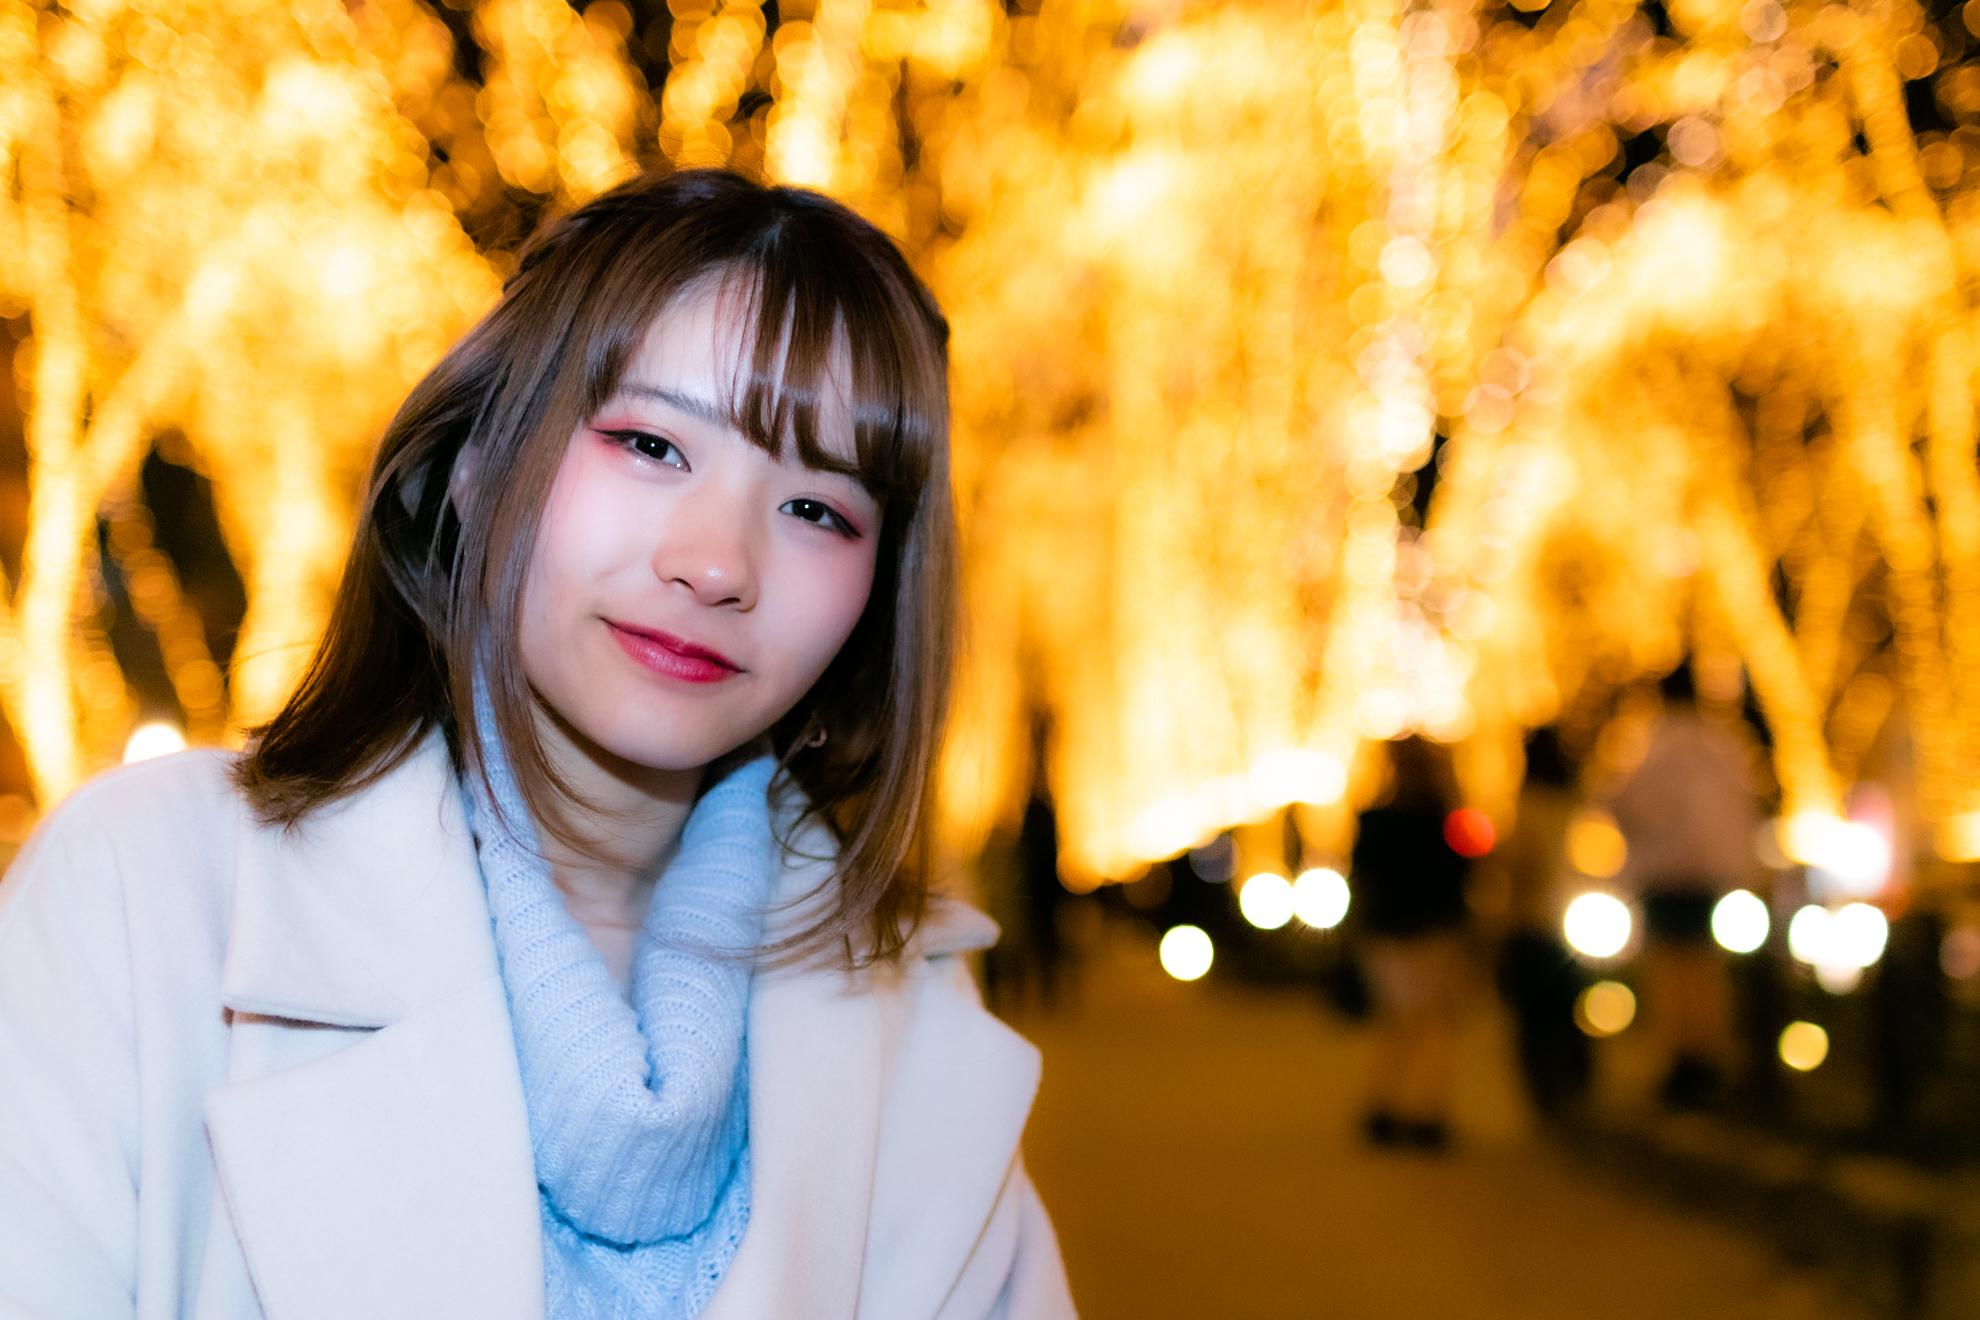 仙台光のペーシェントでの卯月紅葉さんの写真